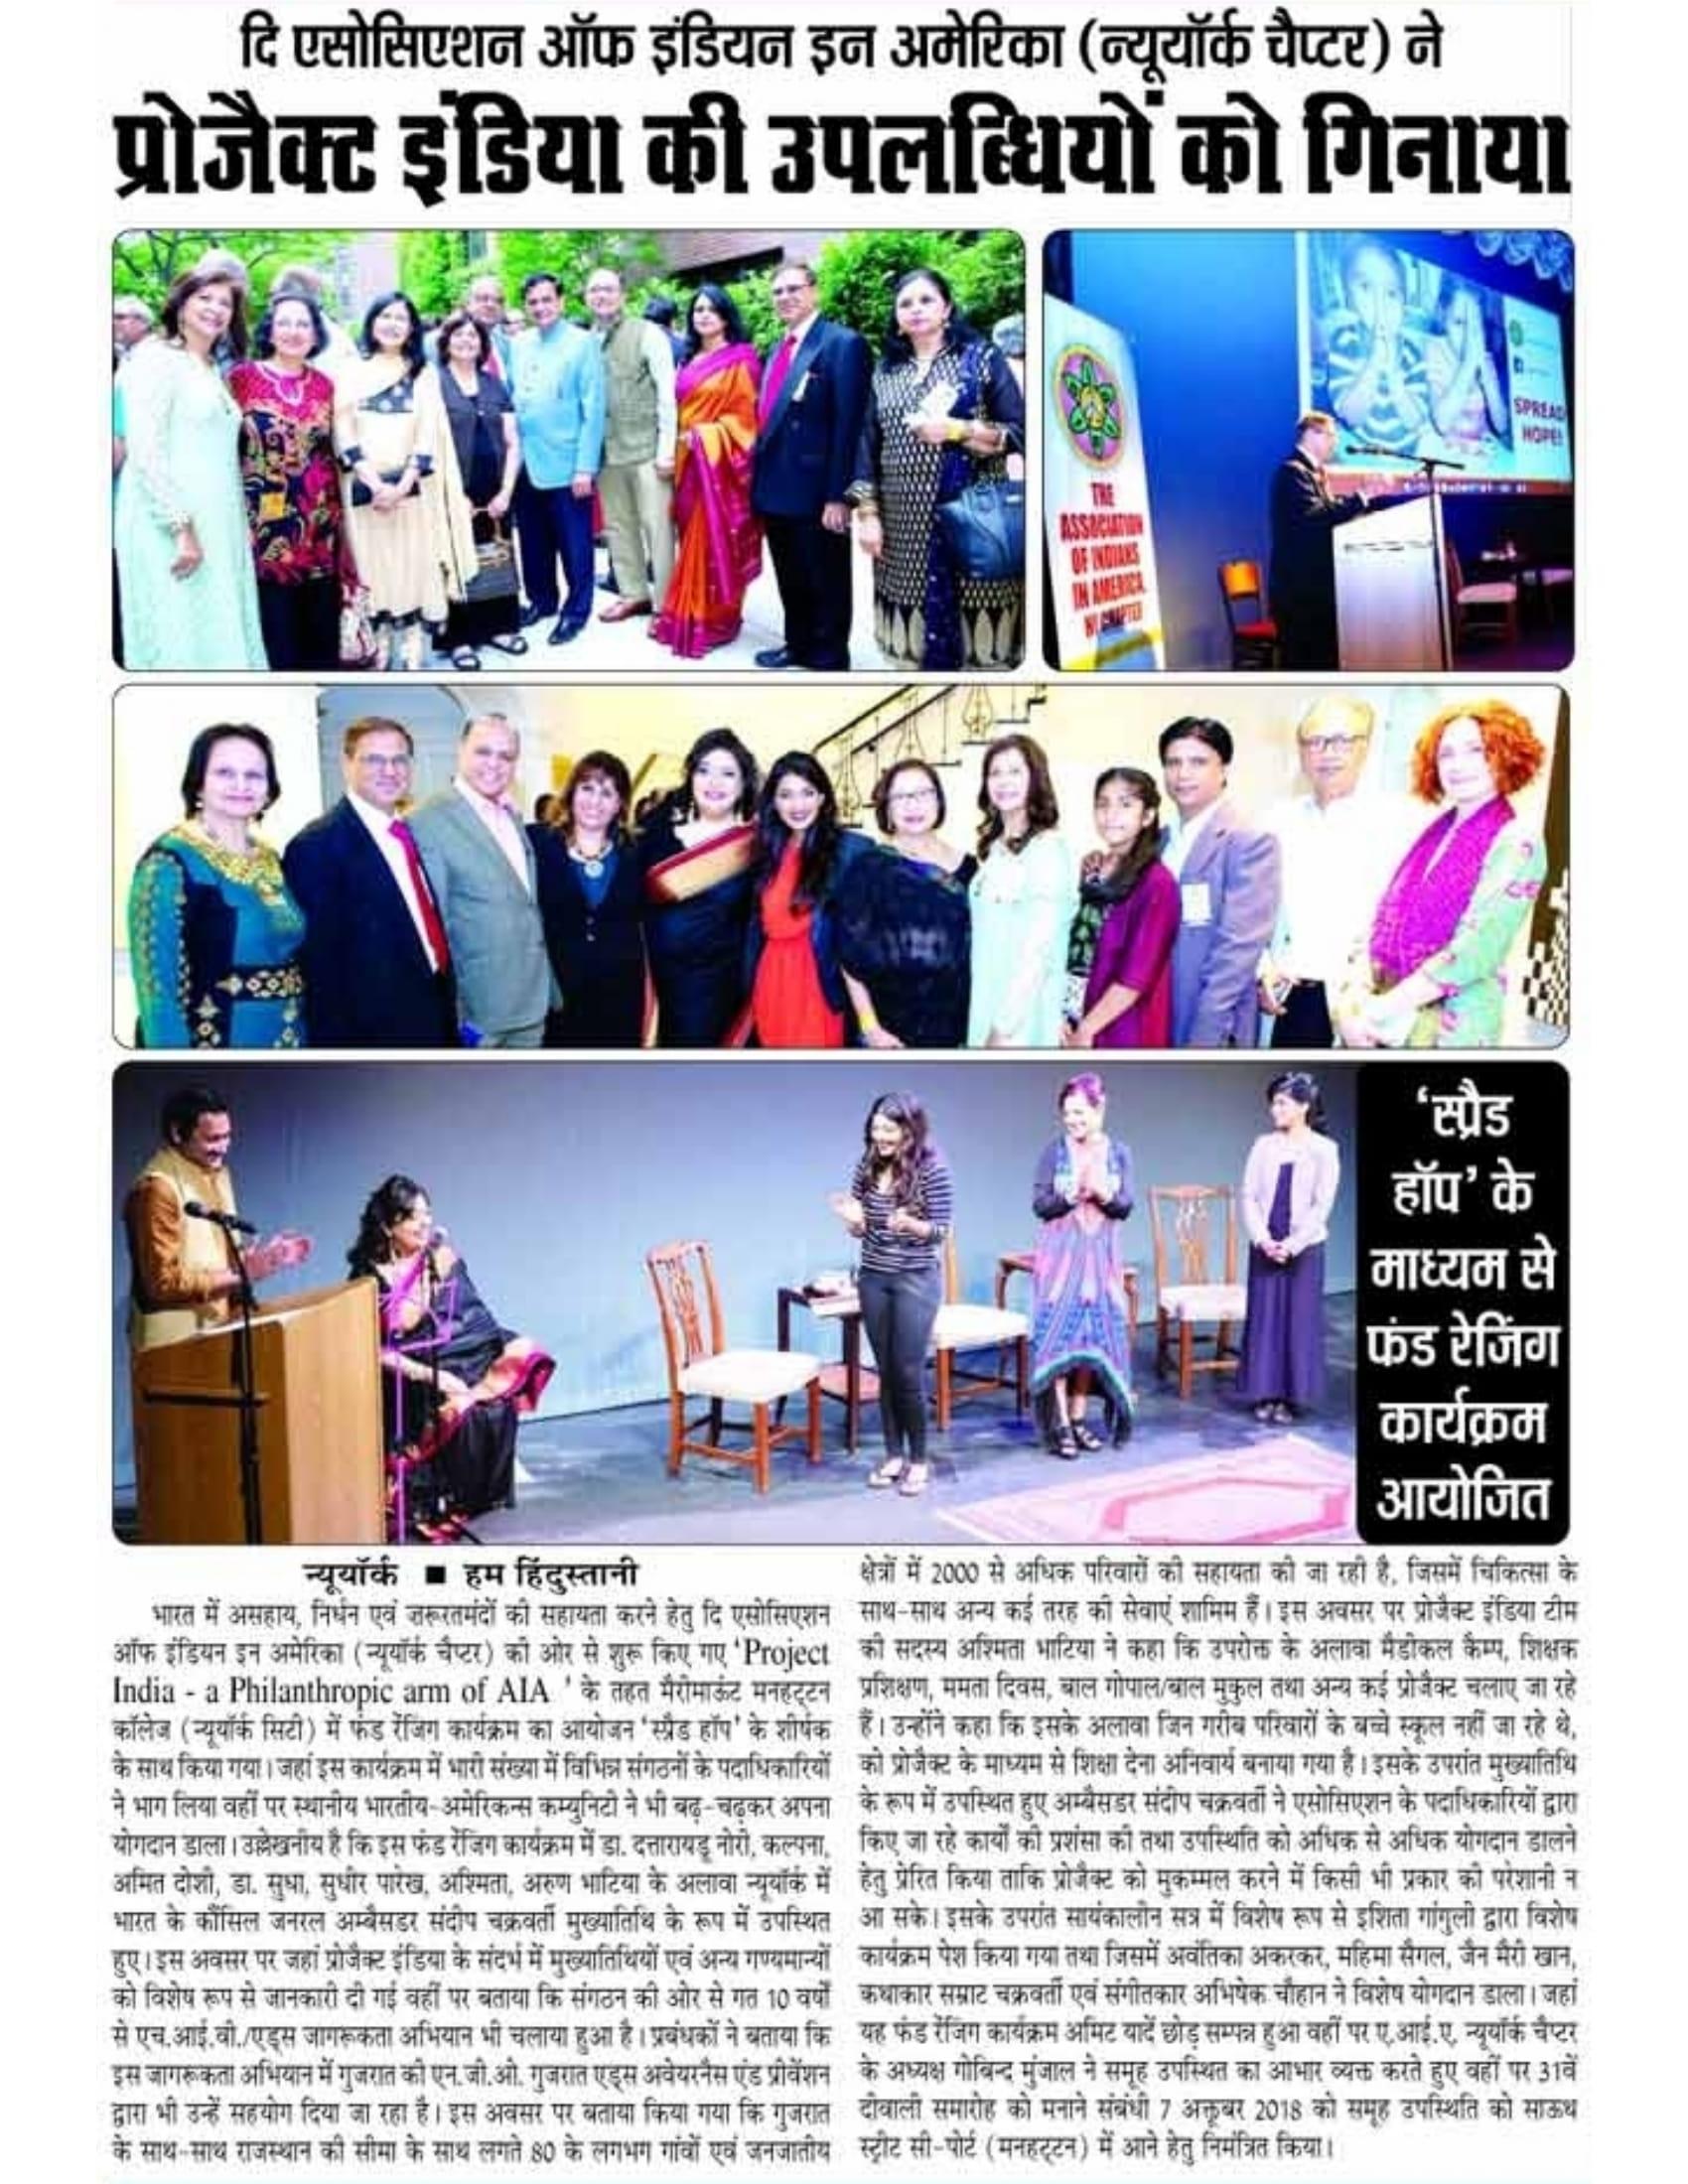 Hum Hindustani Press Report-1.jpg